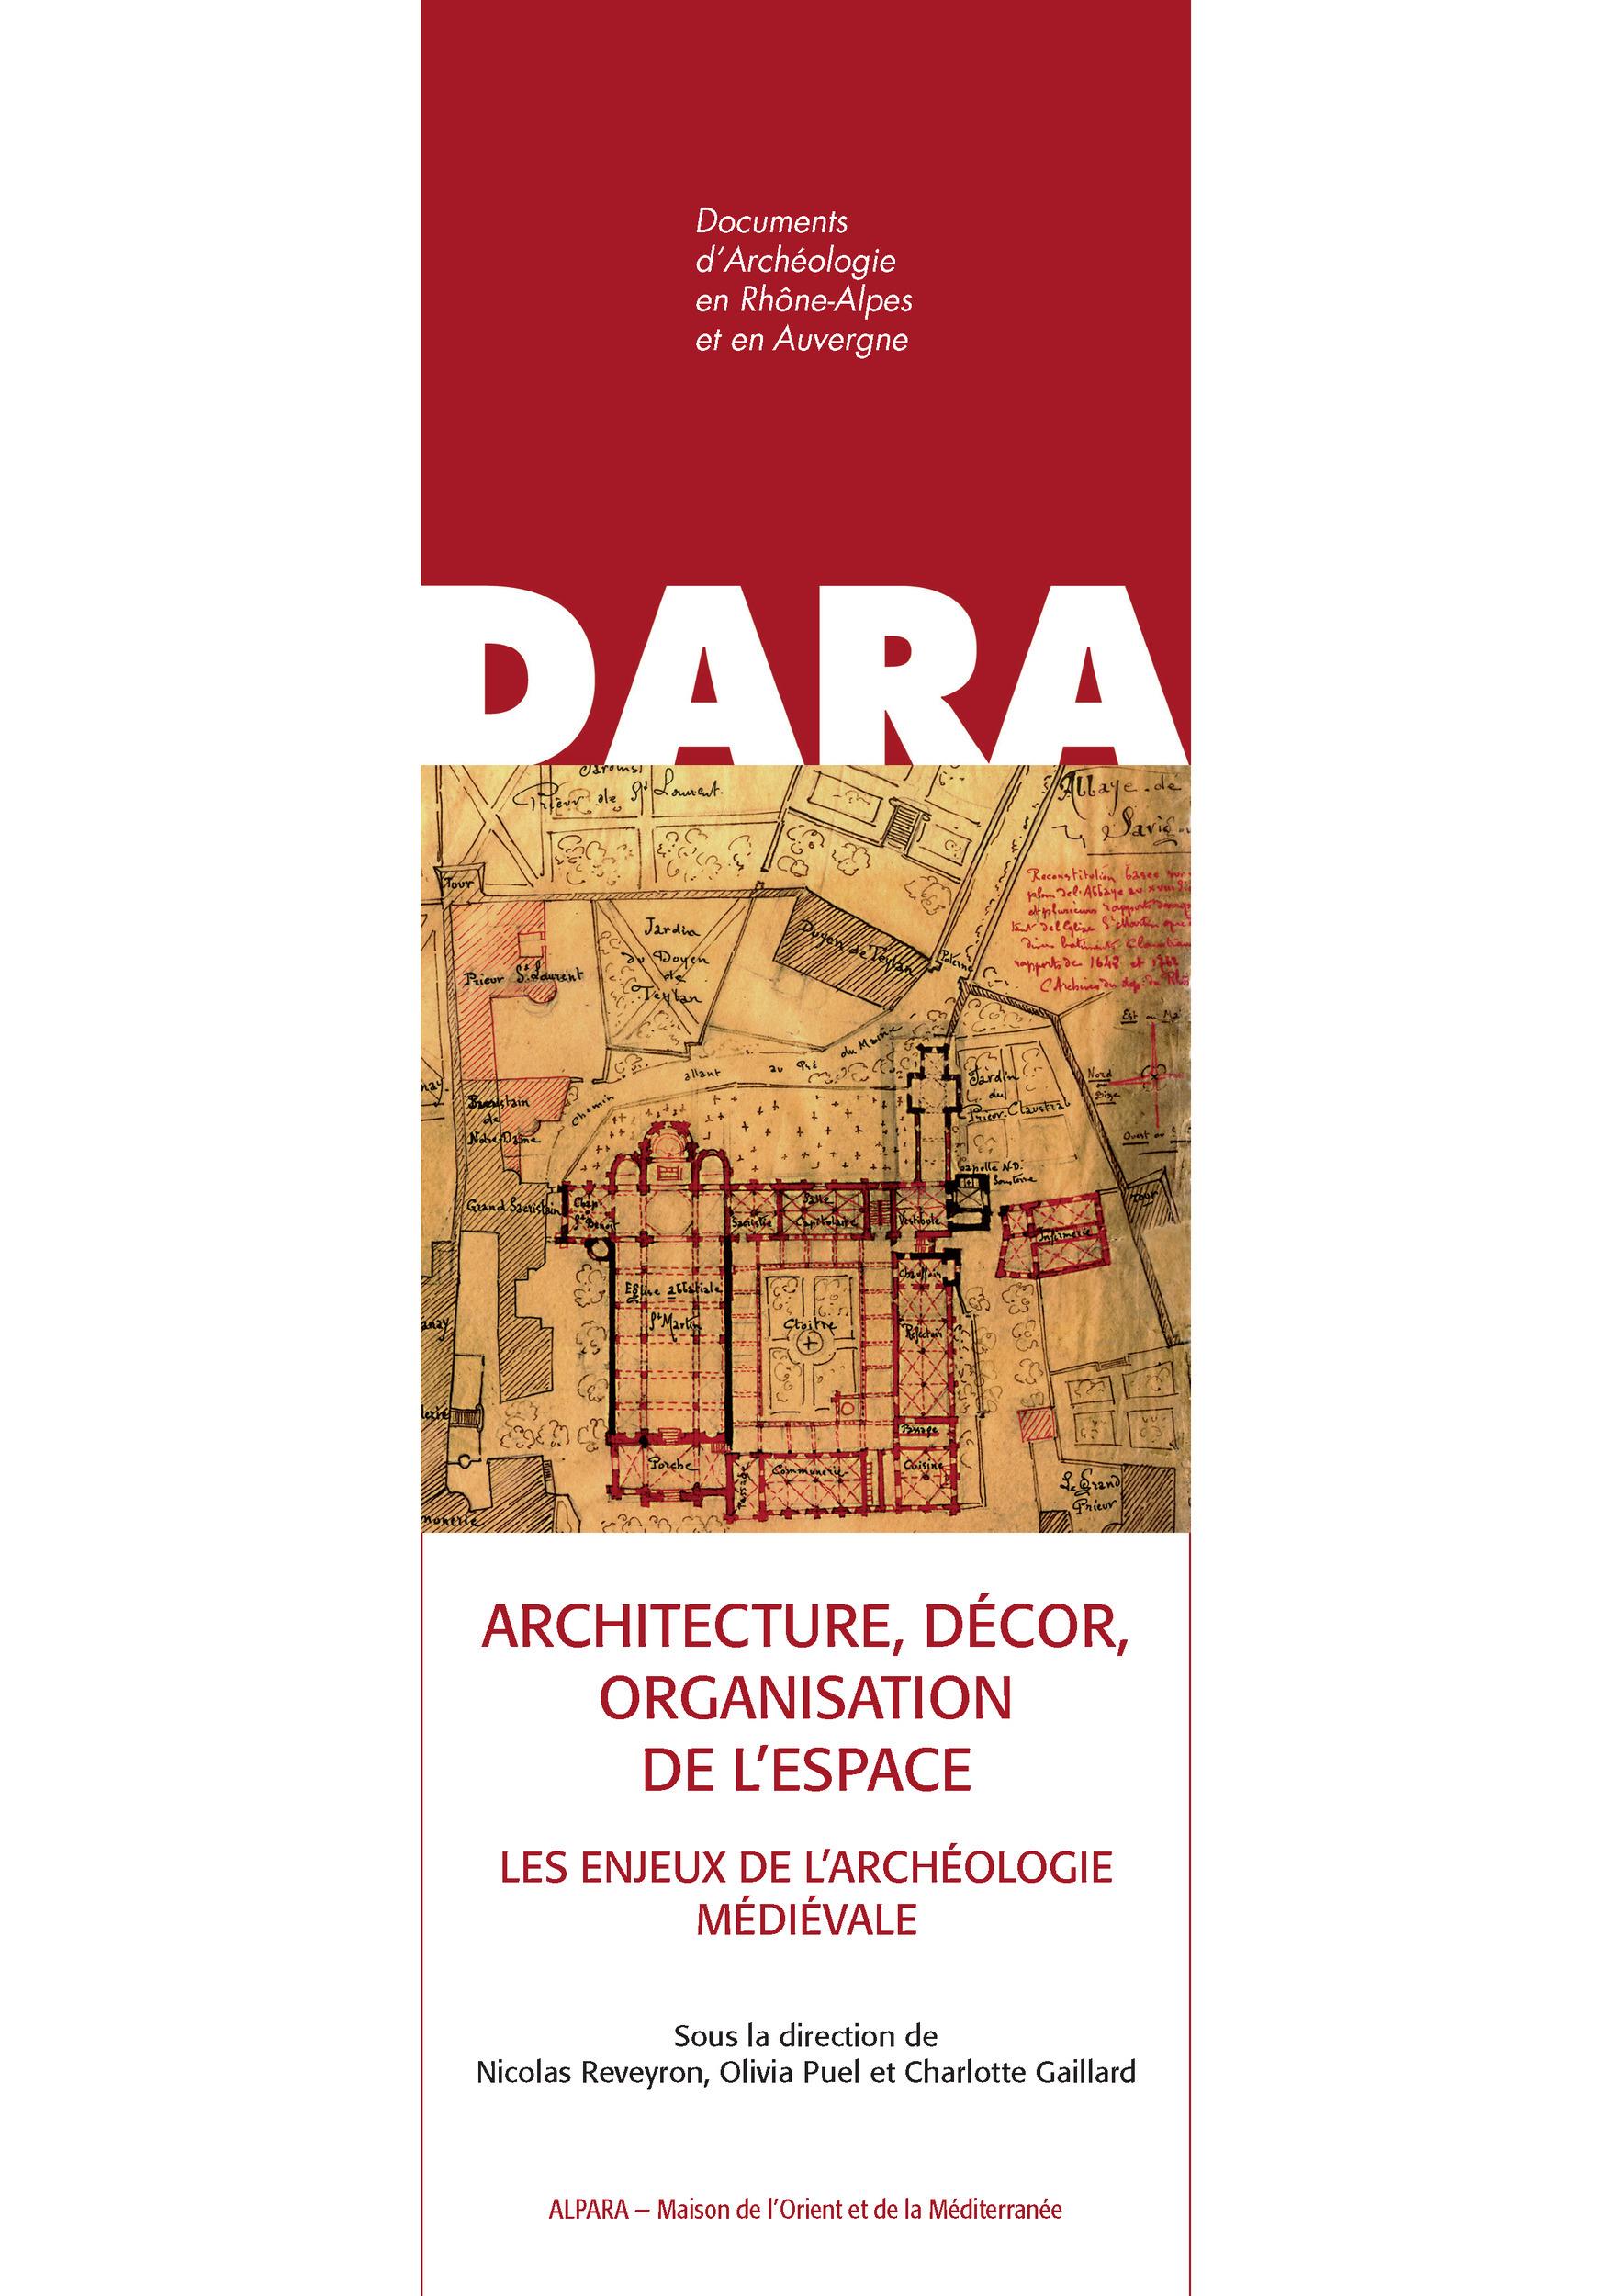 Architecture, decor, organisation de l'espace les enjeux de l'archeologie medievale. melanges d'arch